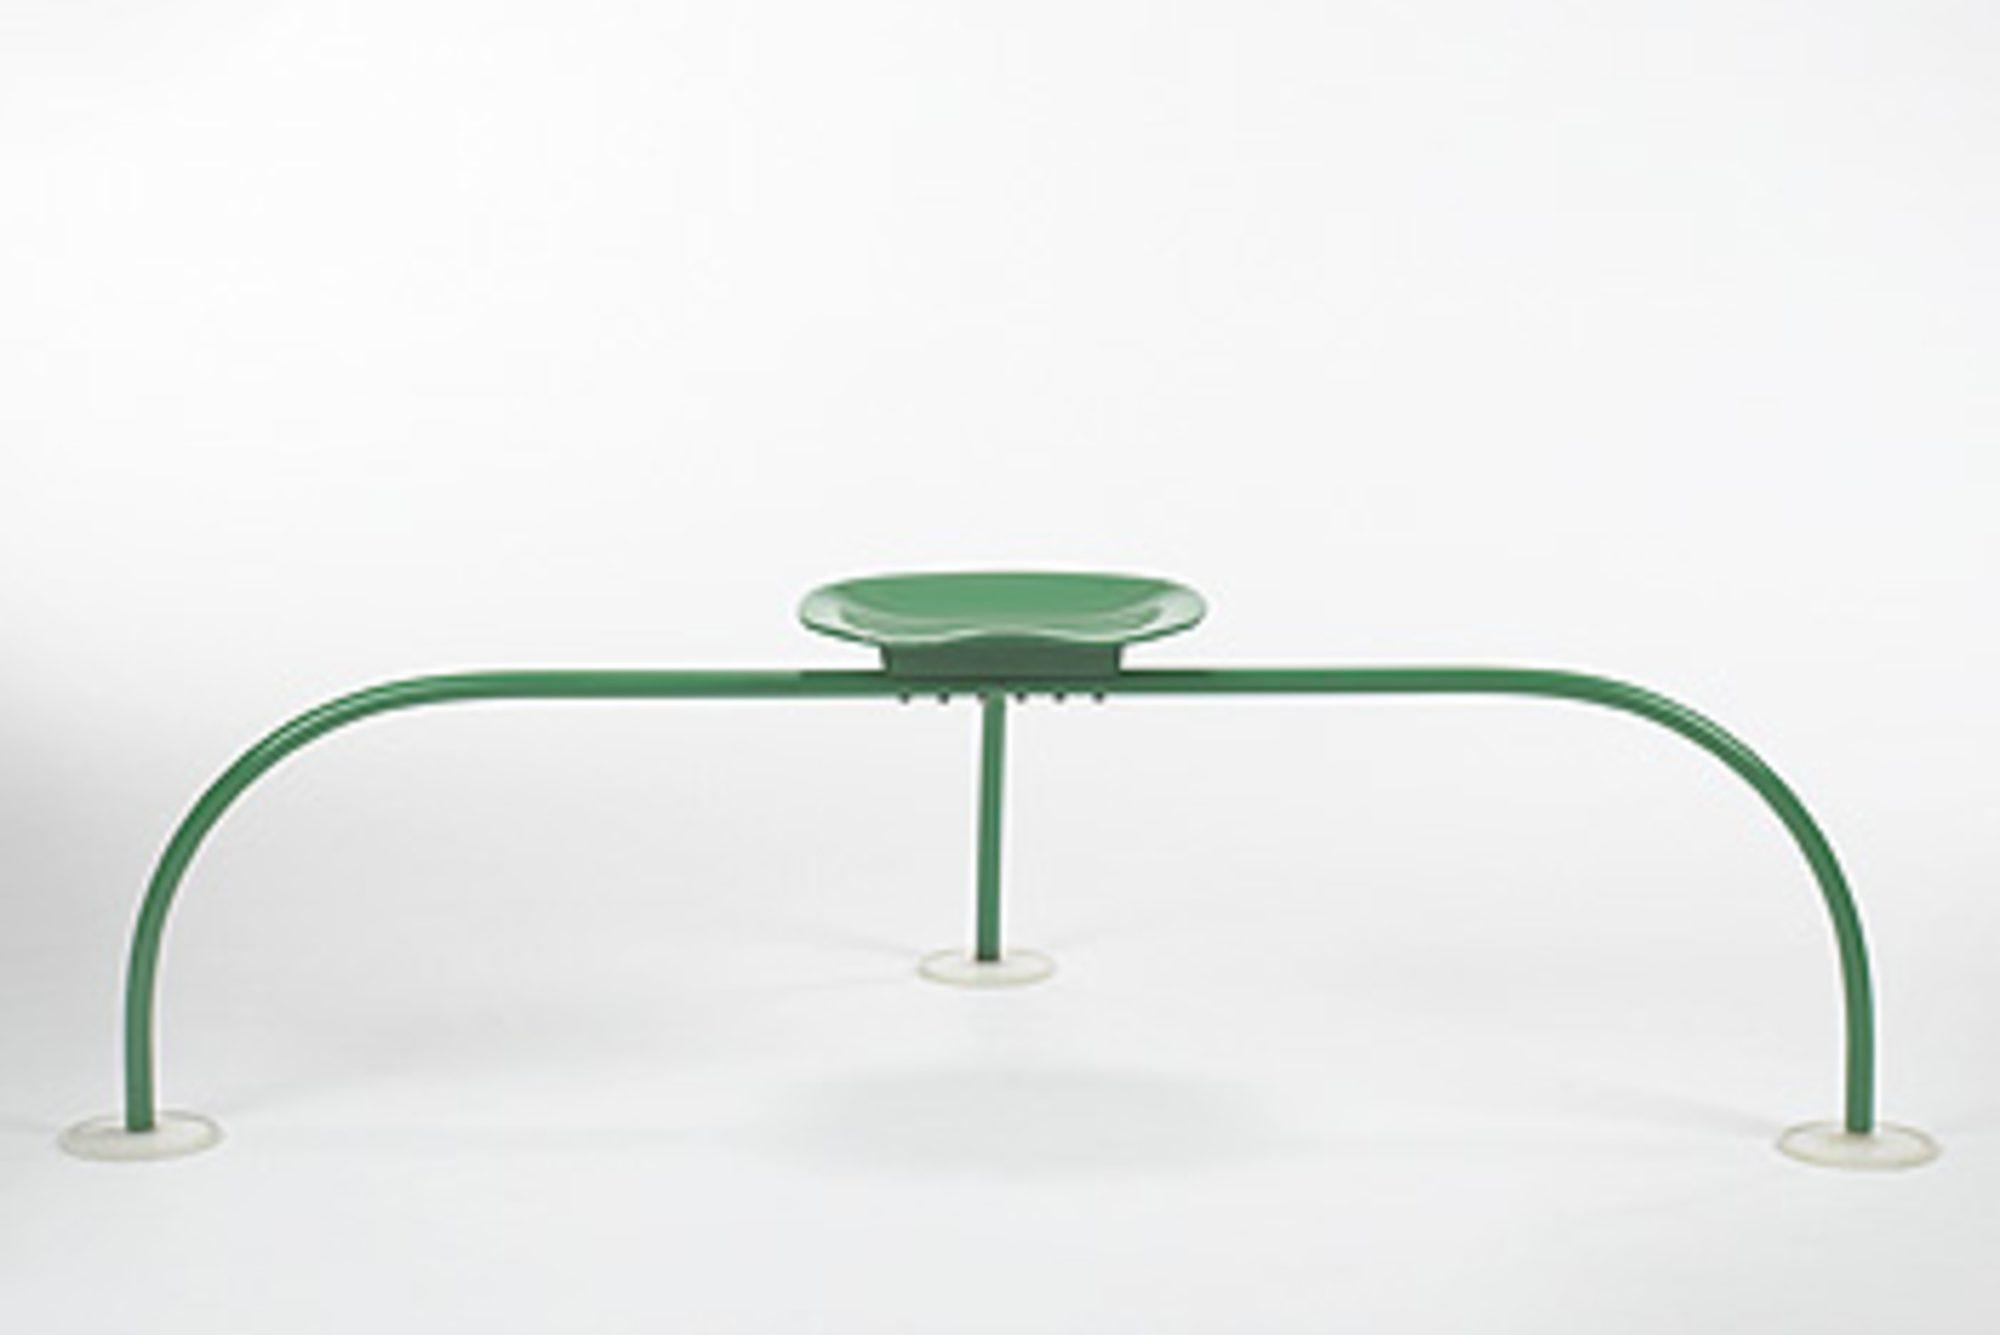 Allunaggio stool by Achille and Pier Giacomo Castiglioni